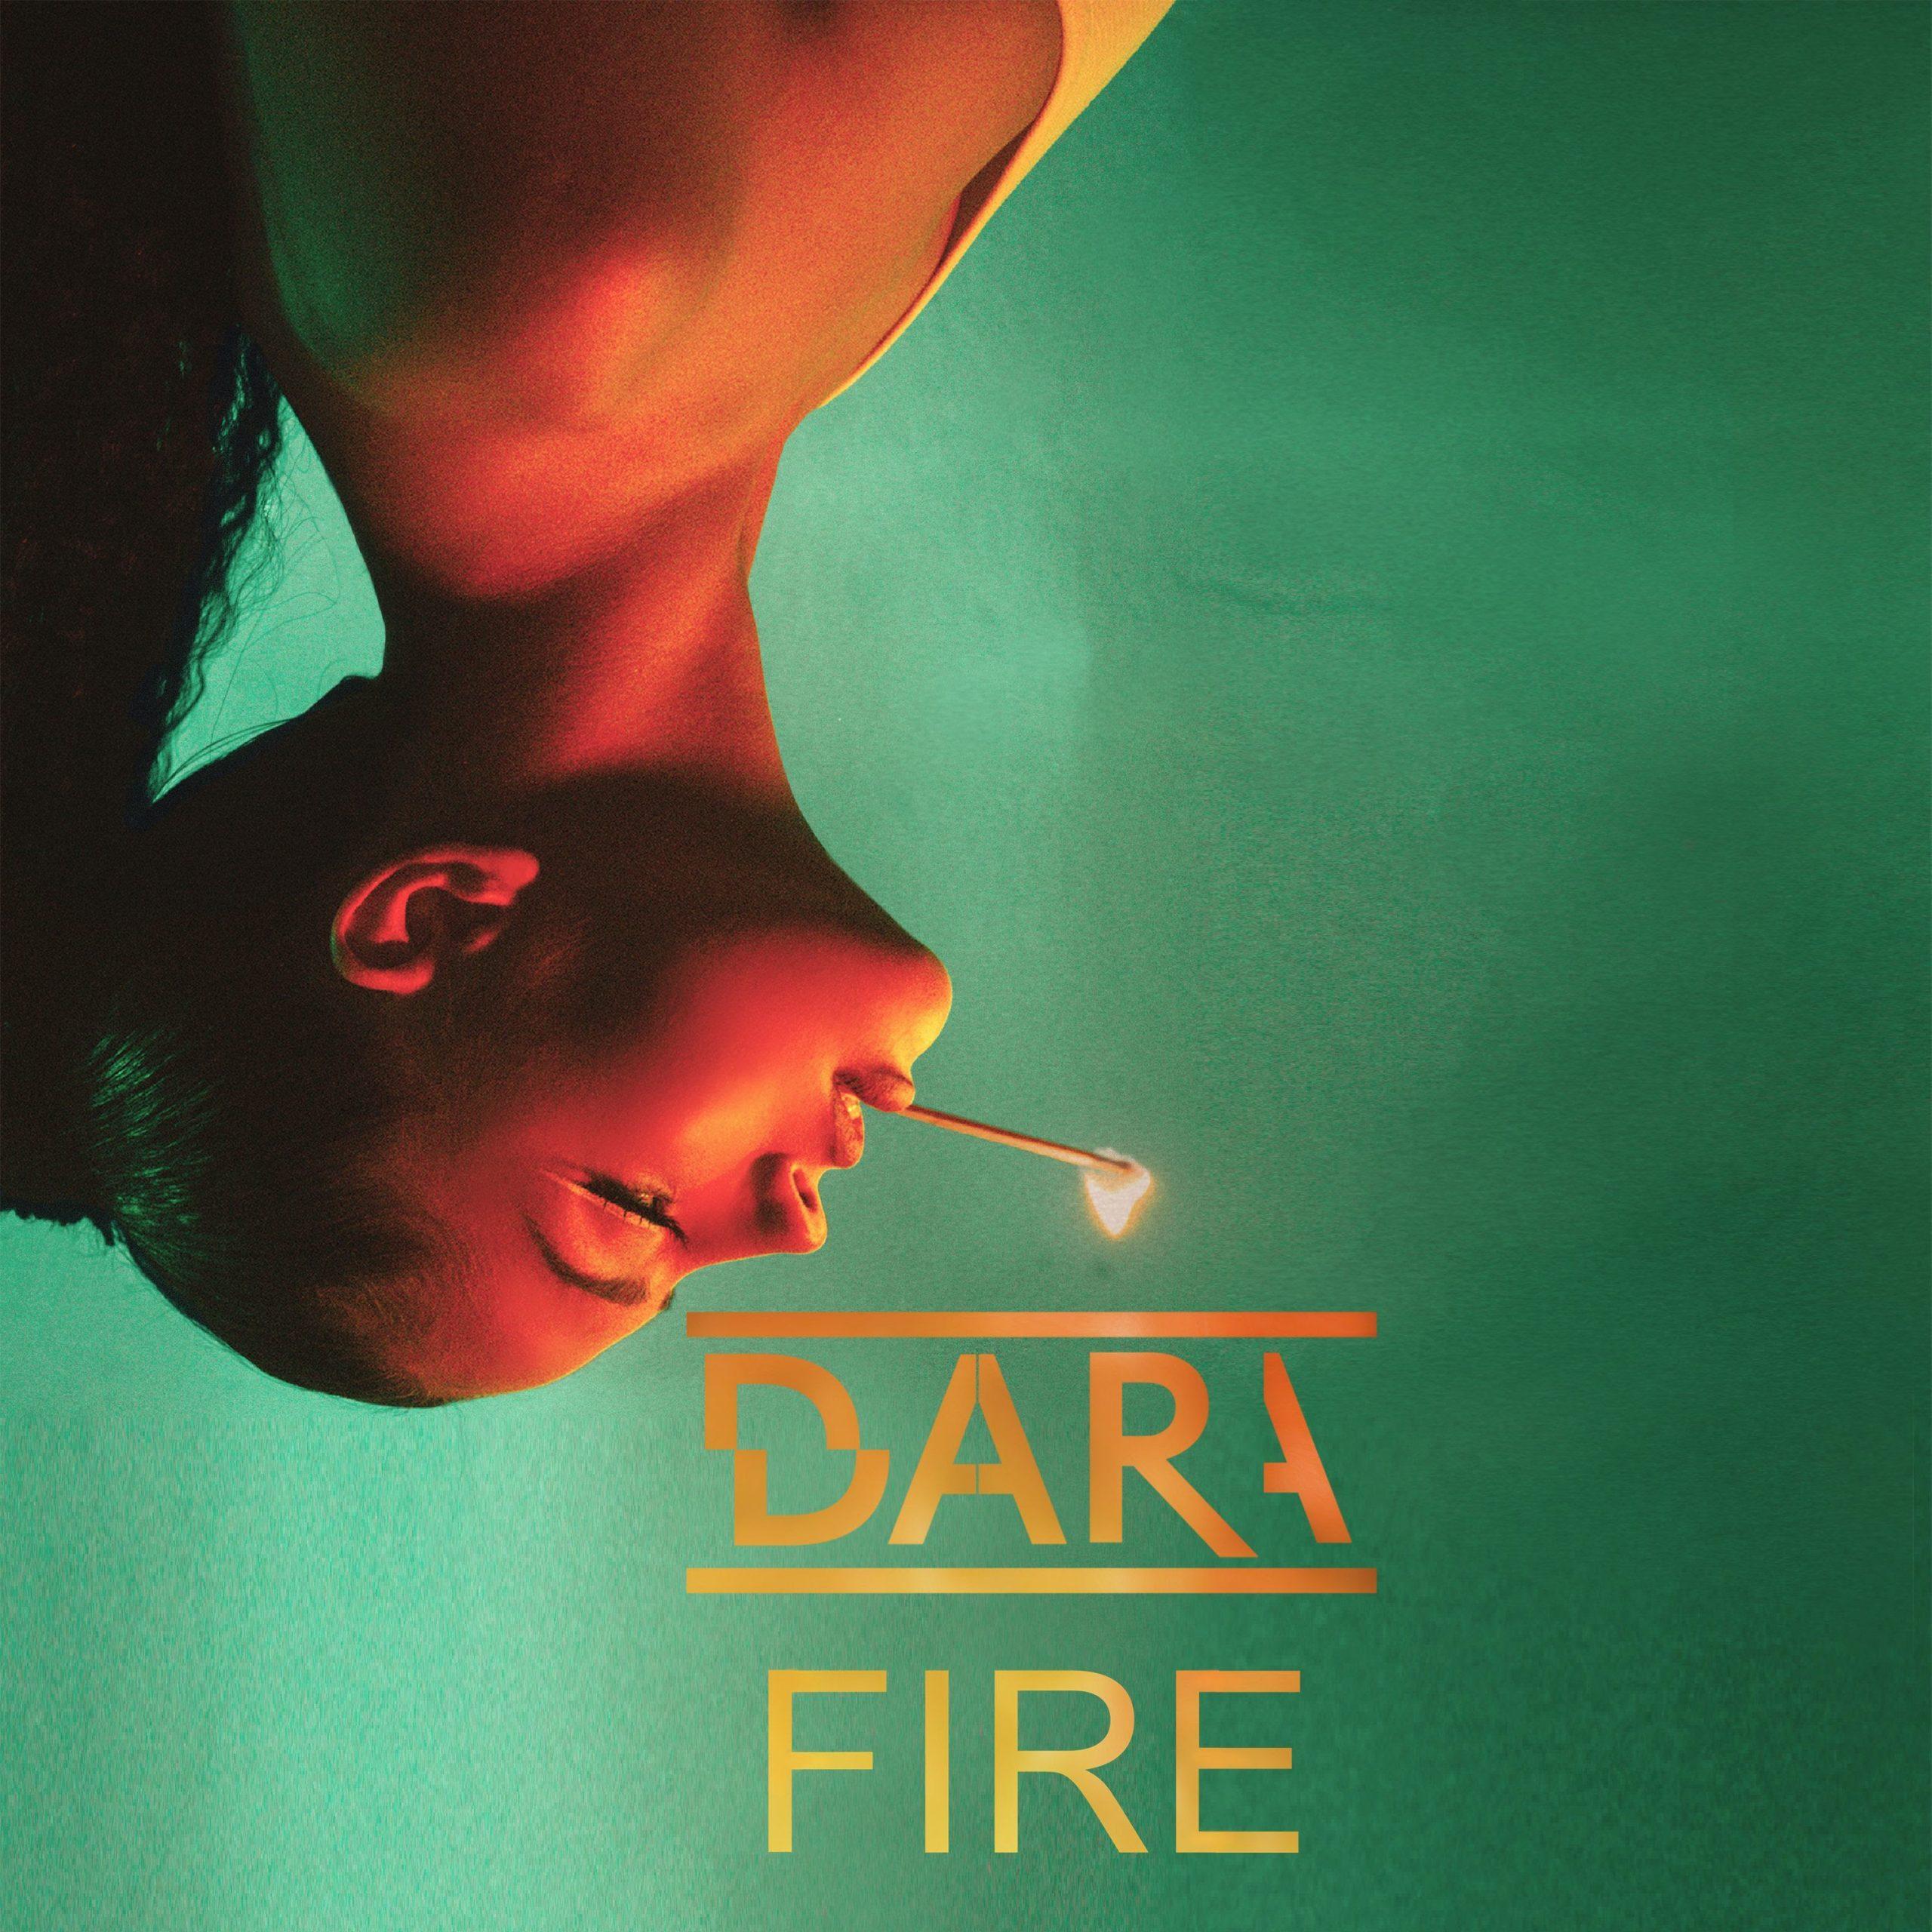 DARA, revelația muzicii din Bulgaria, lansează piesa Fire